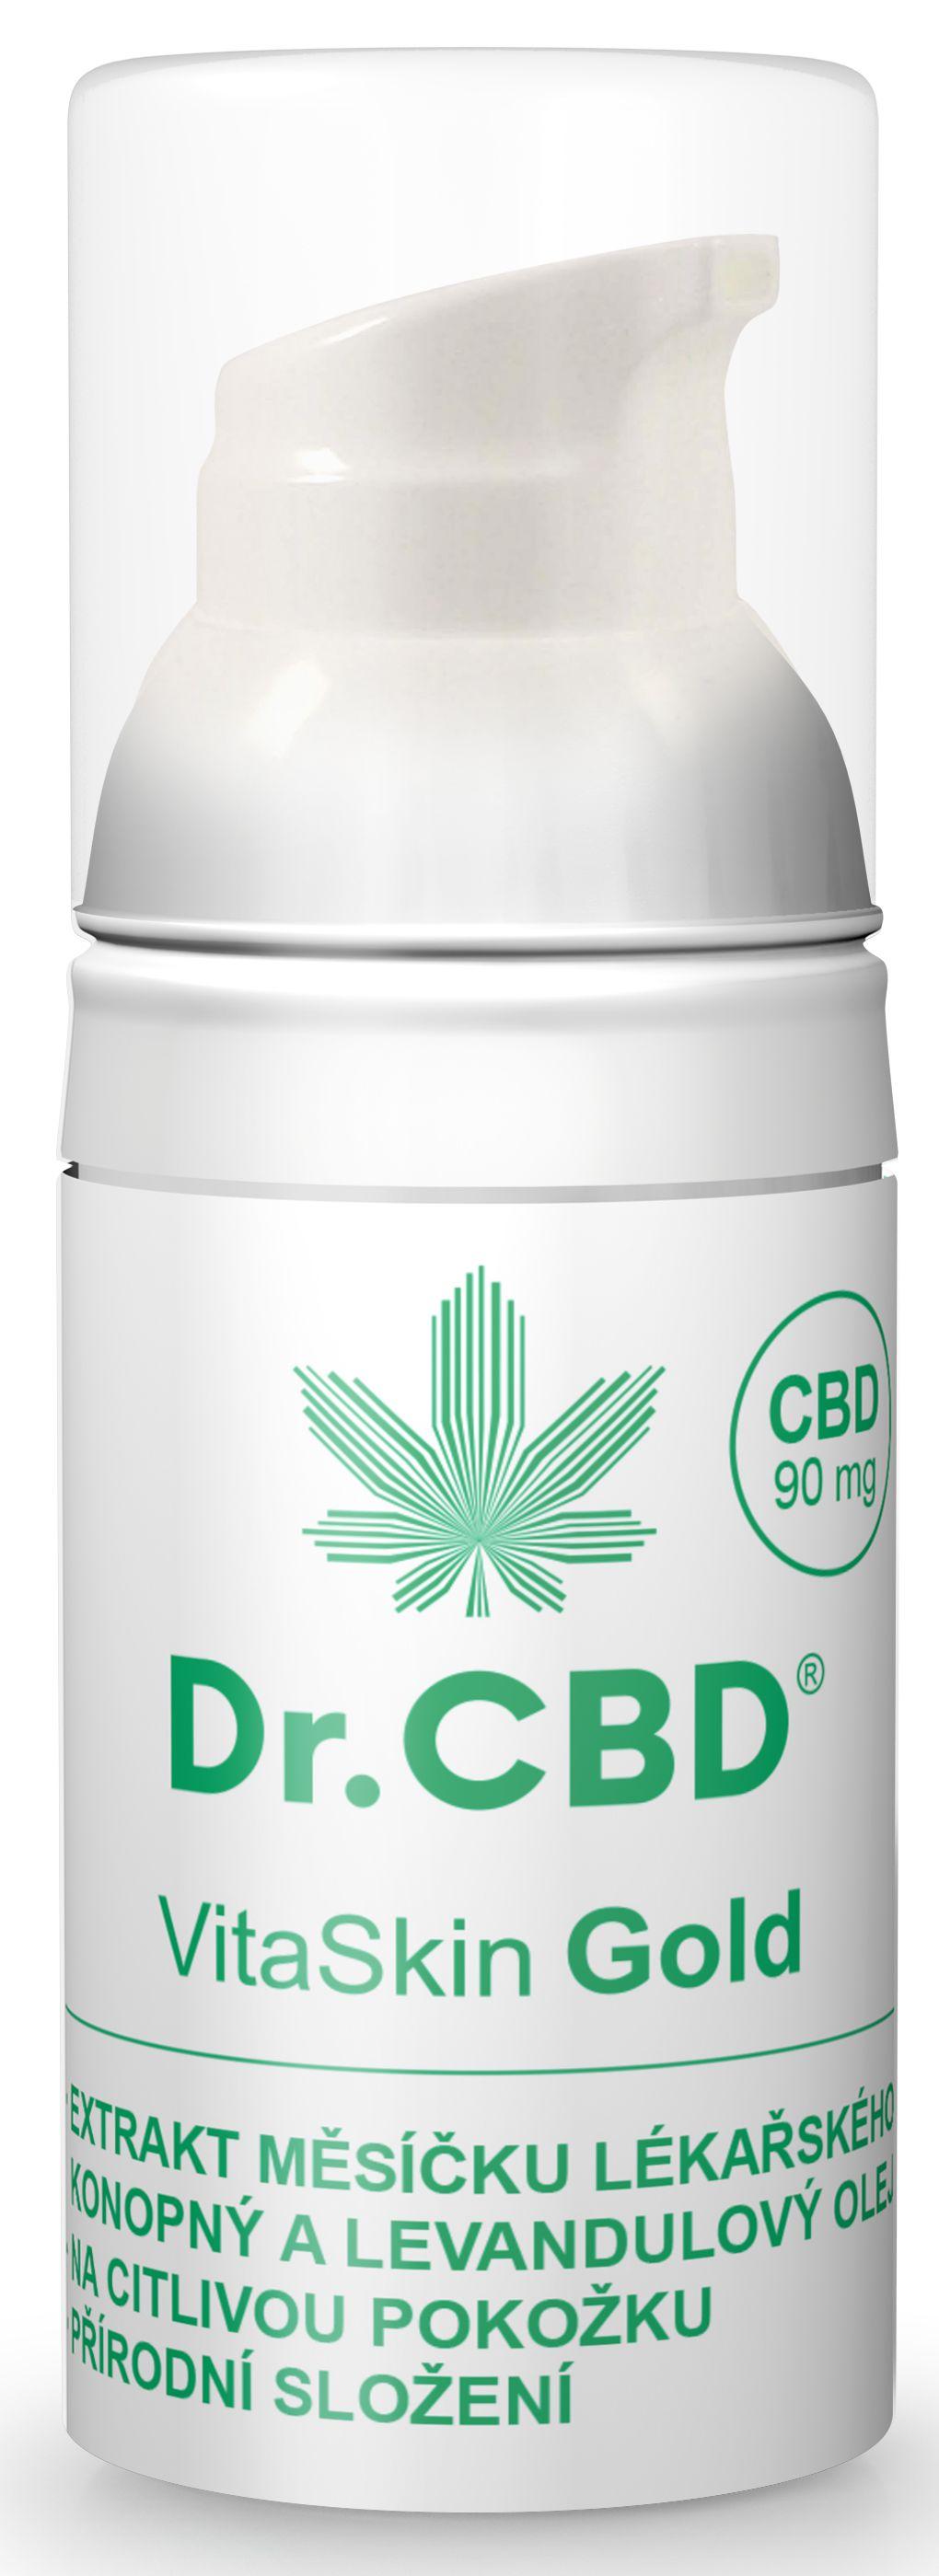 Dr. CBD VitaSkin Gold balzám 30 ml